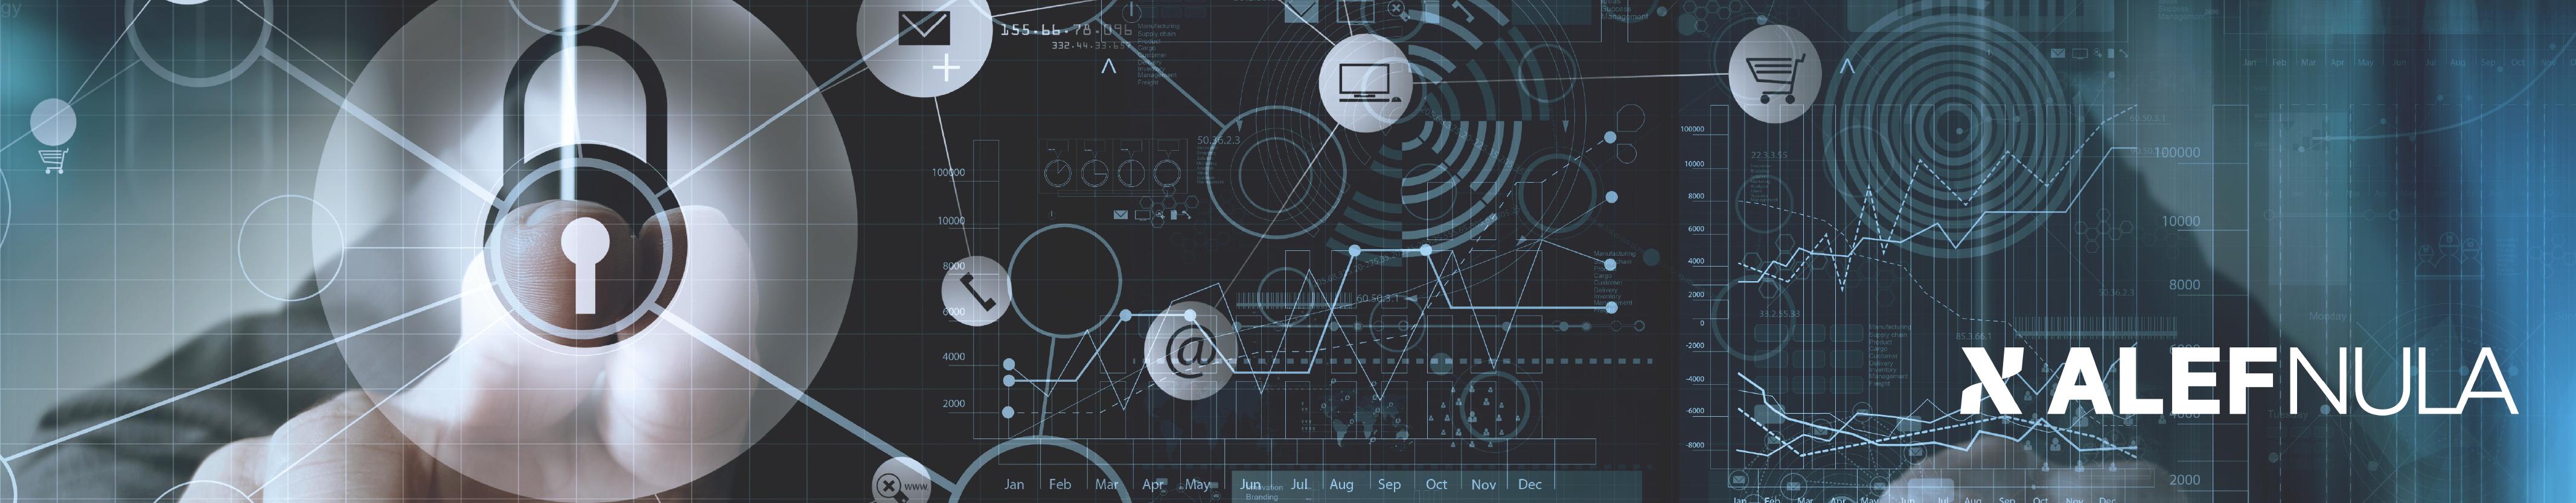 Úroveň kybernetické bezpečnosti v organizacích je přímo úměrná ochotě vzdělávat se